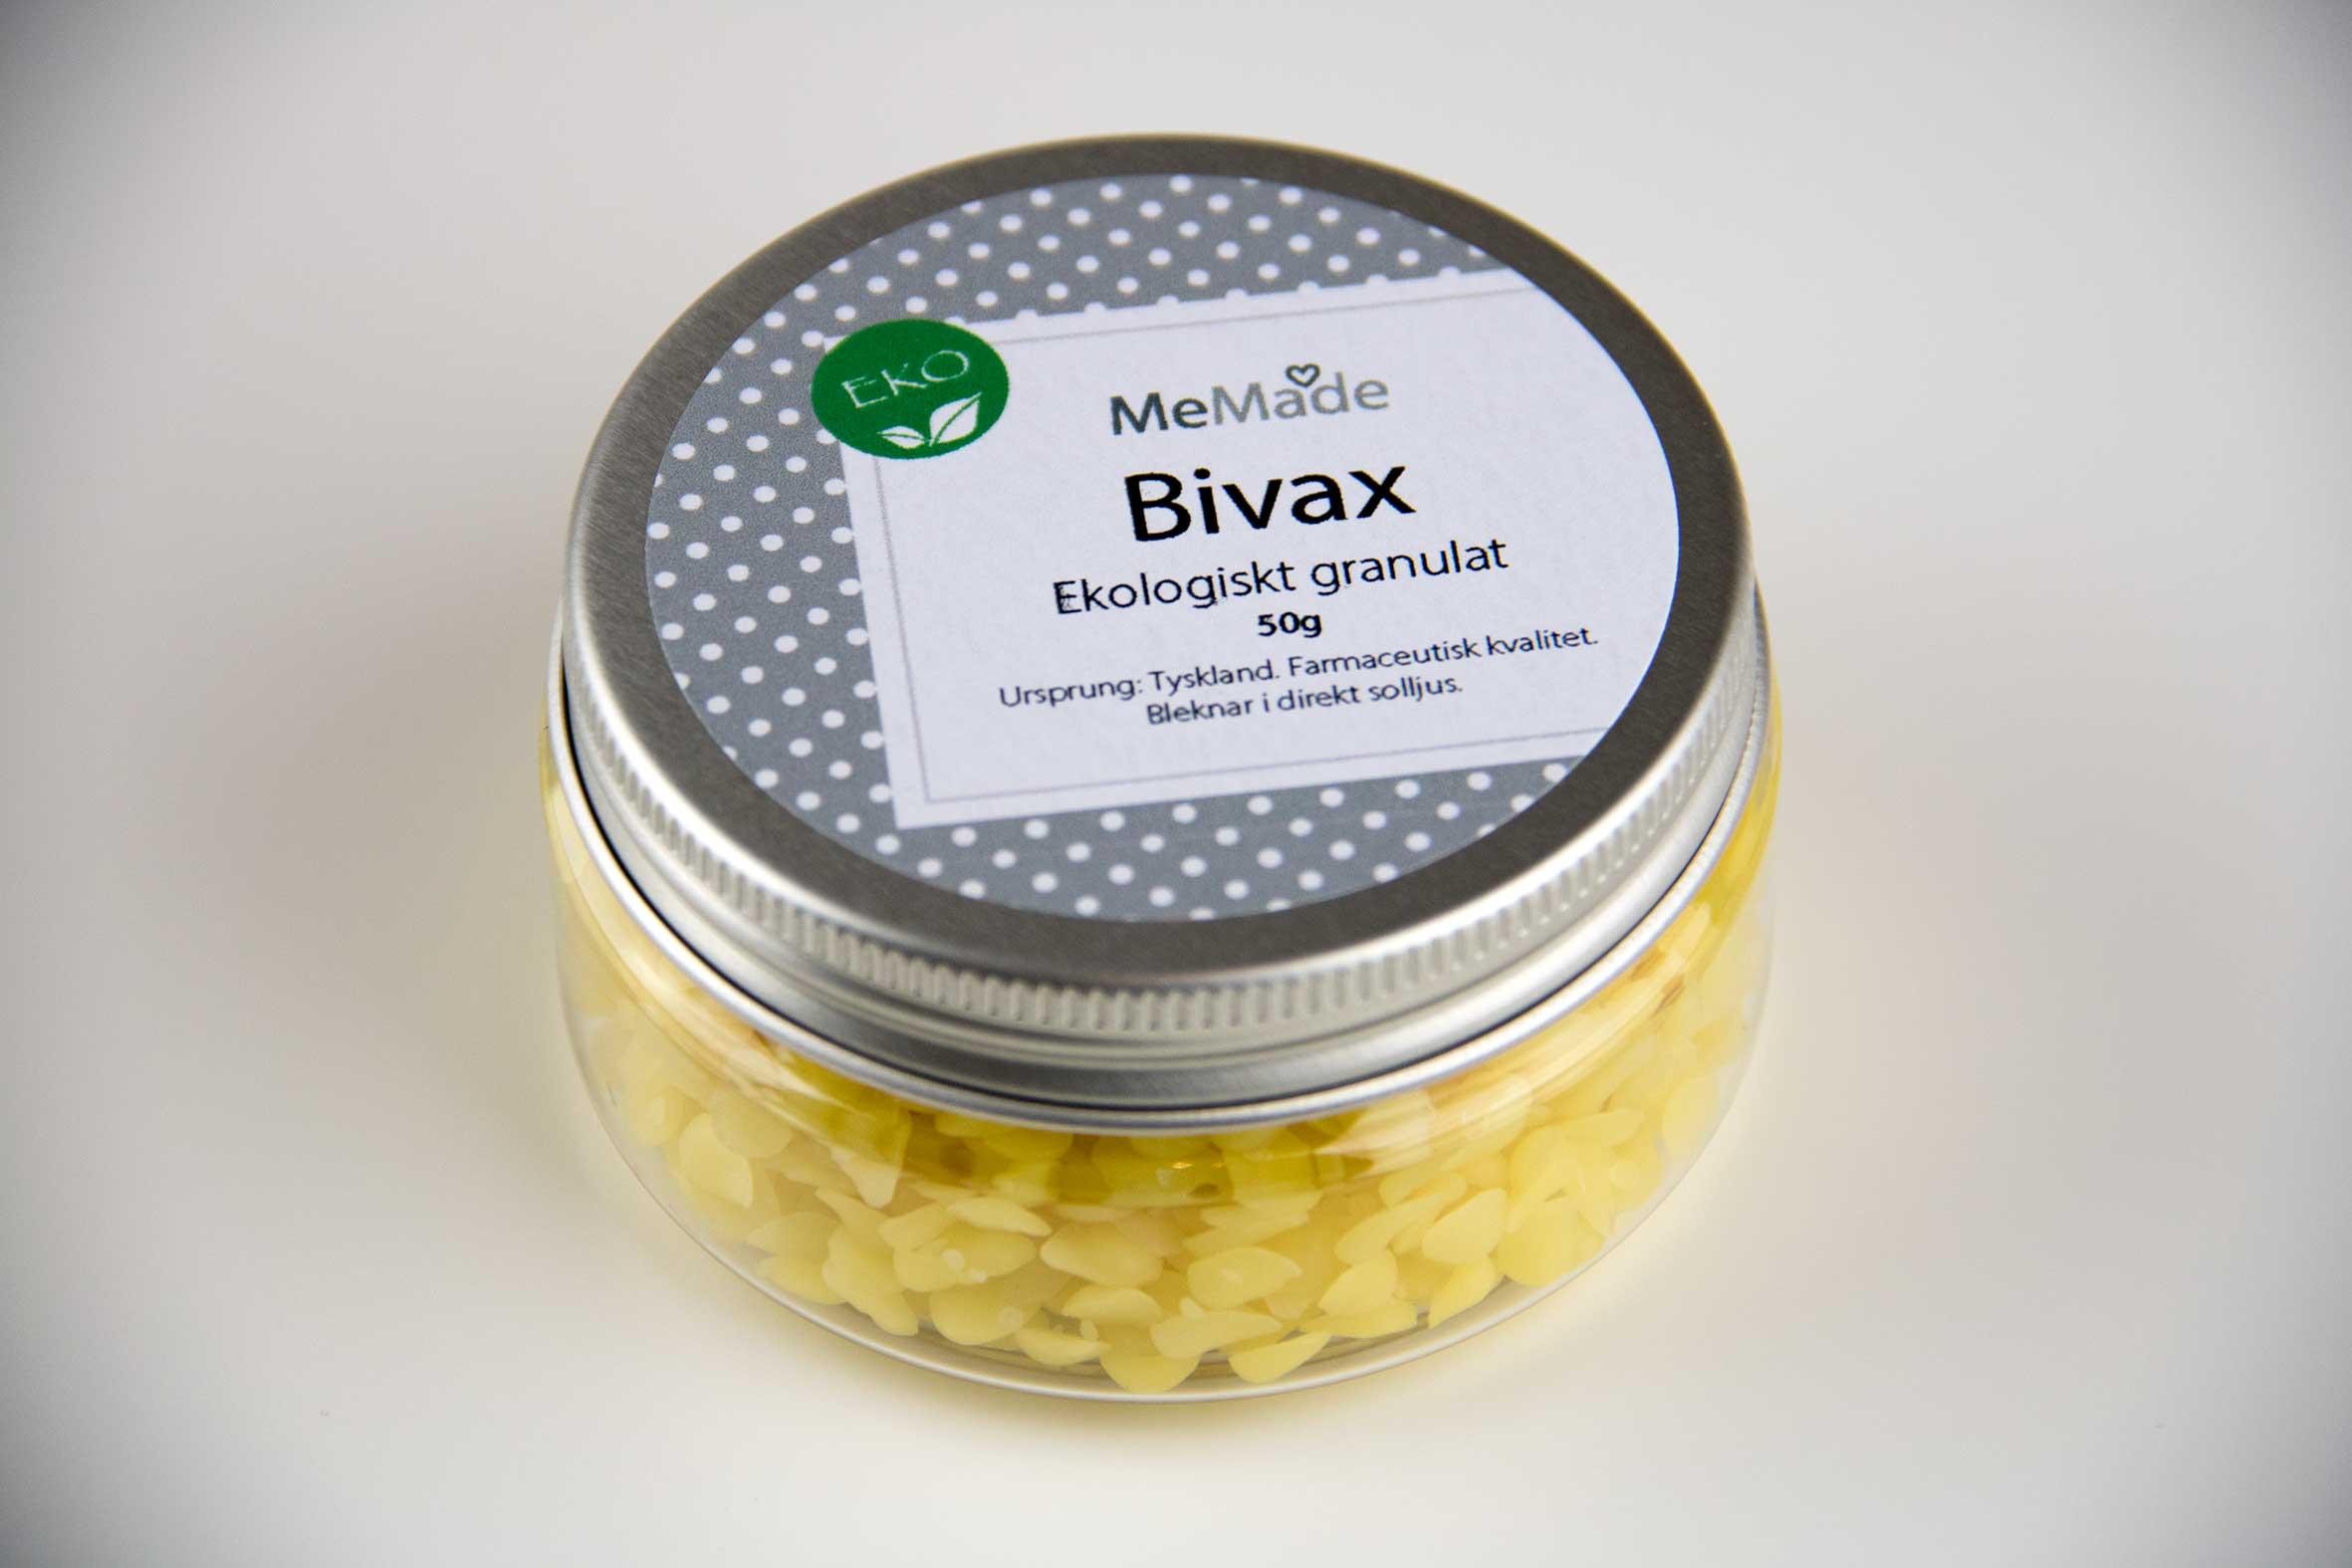 Bivax